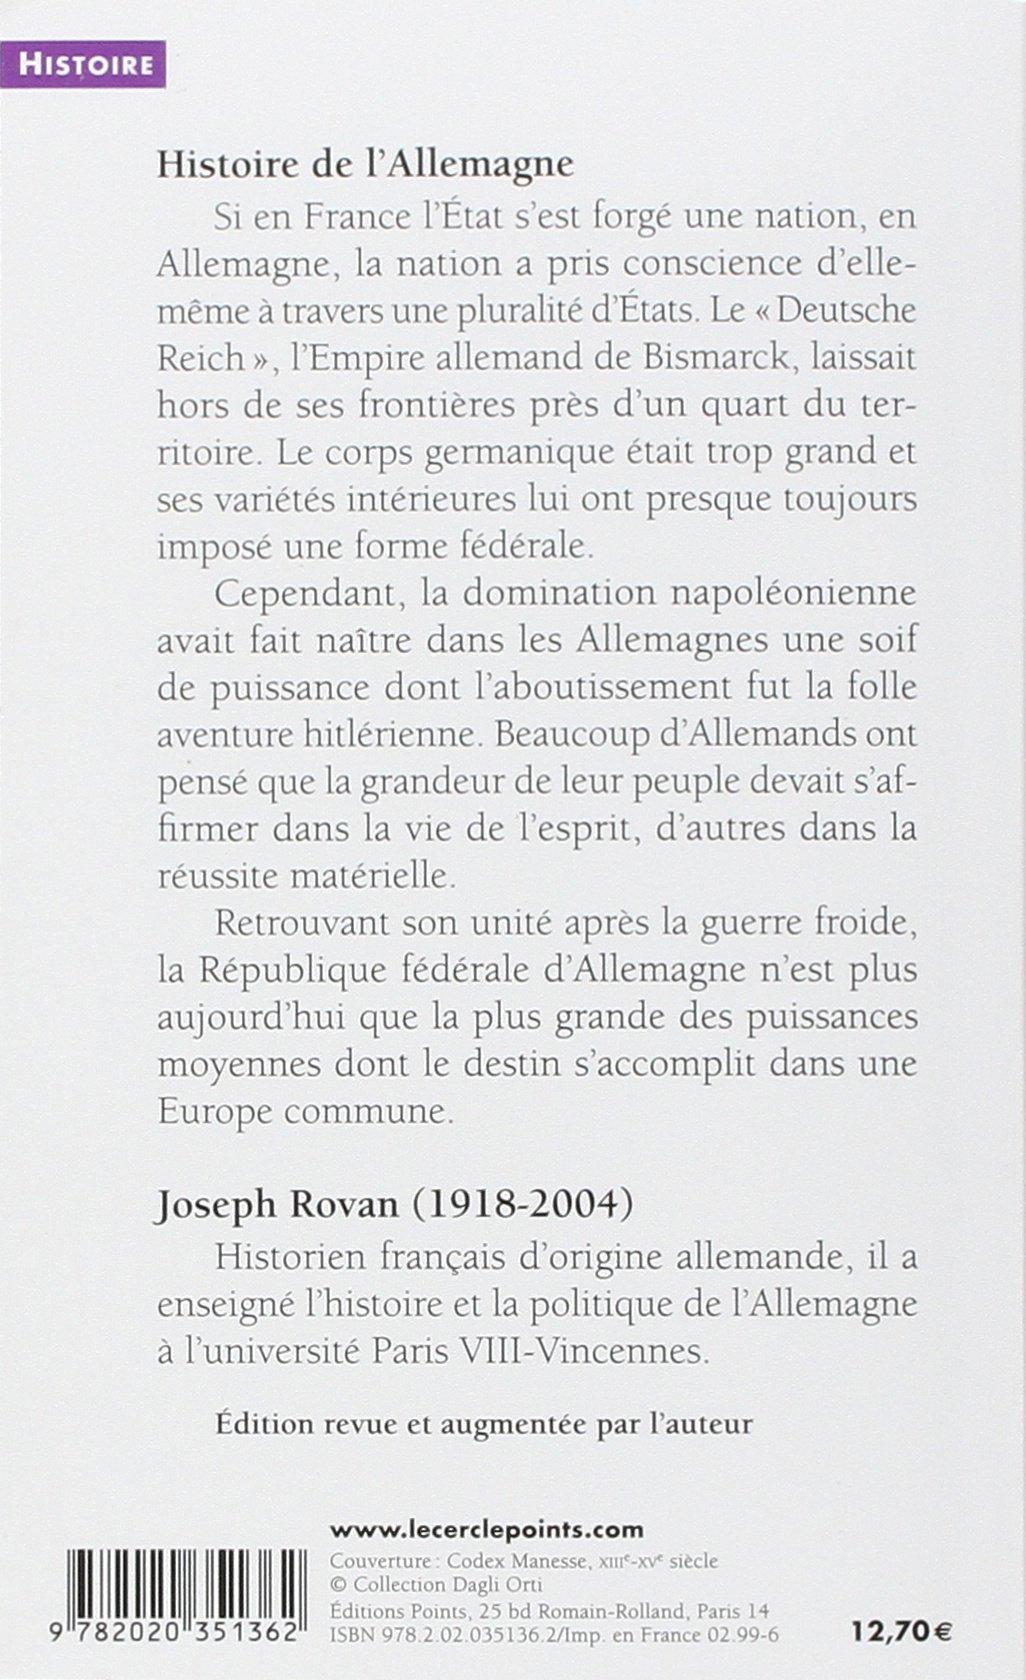 Amazon.fr - Histoire de l'Allemagne des origines à nos jours - Joseph Rovan  - Livres